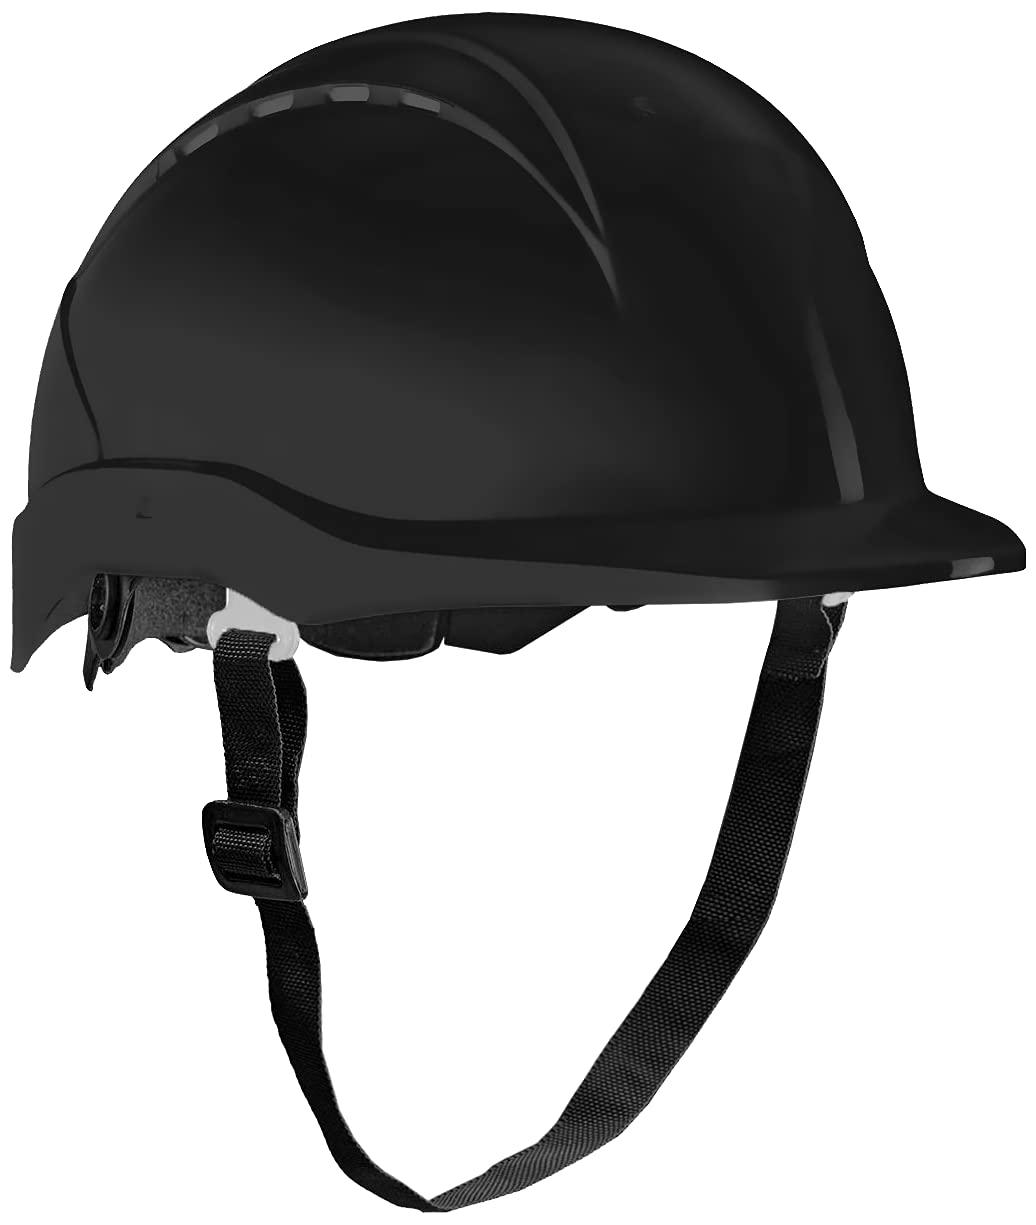 ACE Patera Casco Obra - Casco Seguridad - Casco de Trabajo con Cierre de Rosca, Ventilado y Ajustable - Negro